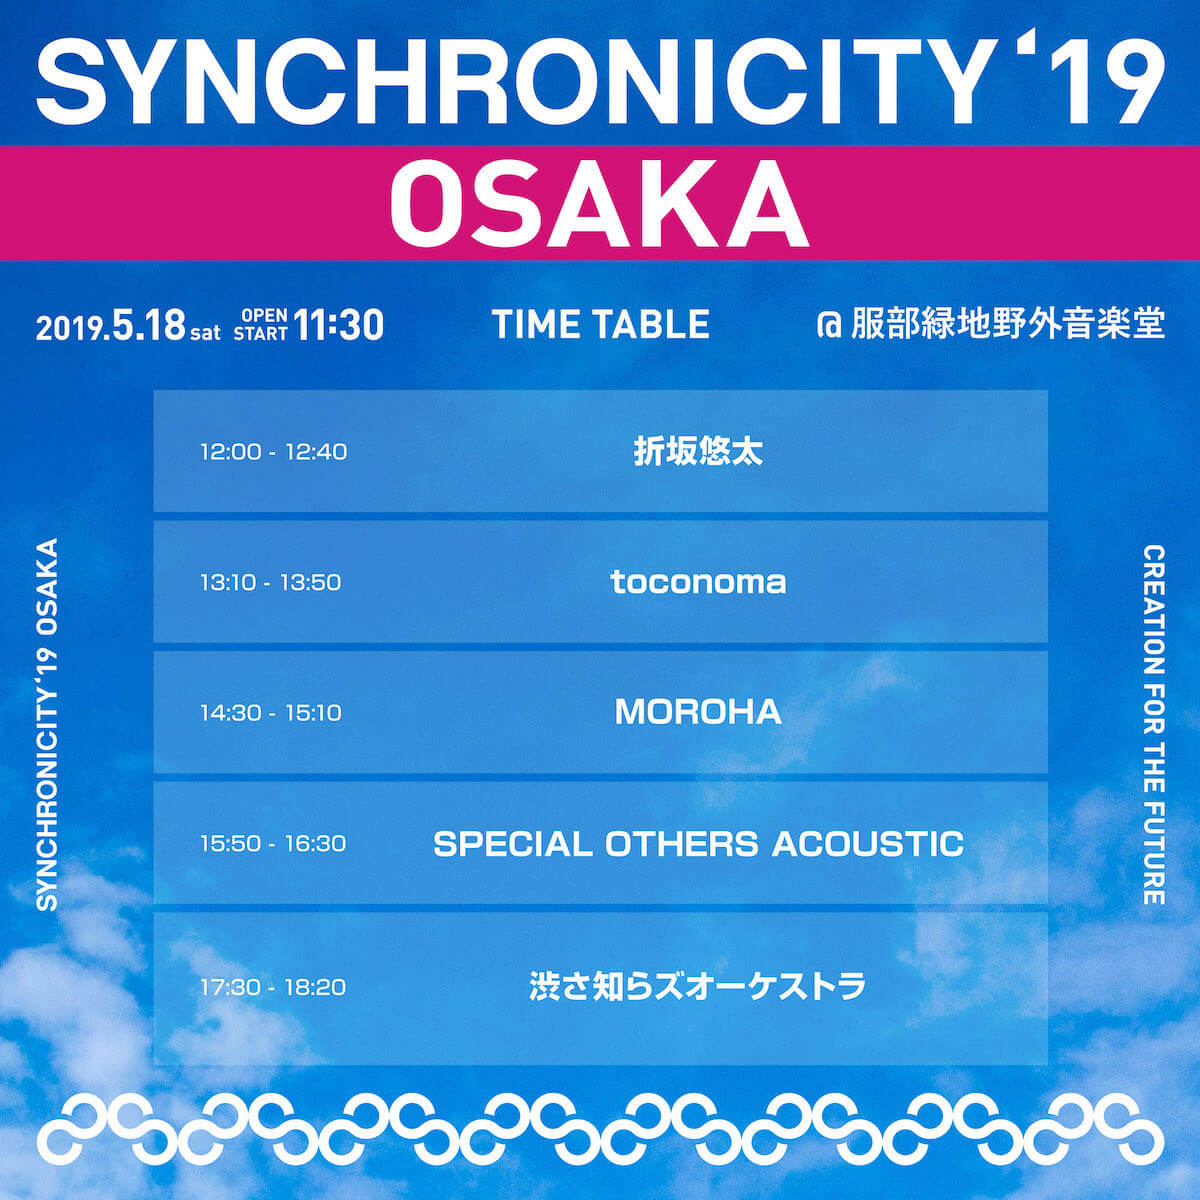 東京と同じく渋さ知らズオーケストラがトリ!<SYNCHRONICITY'19 OSAKA>のタイムテーブル発表 music190510-synchronicity-osaka_1